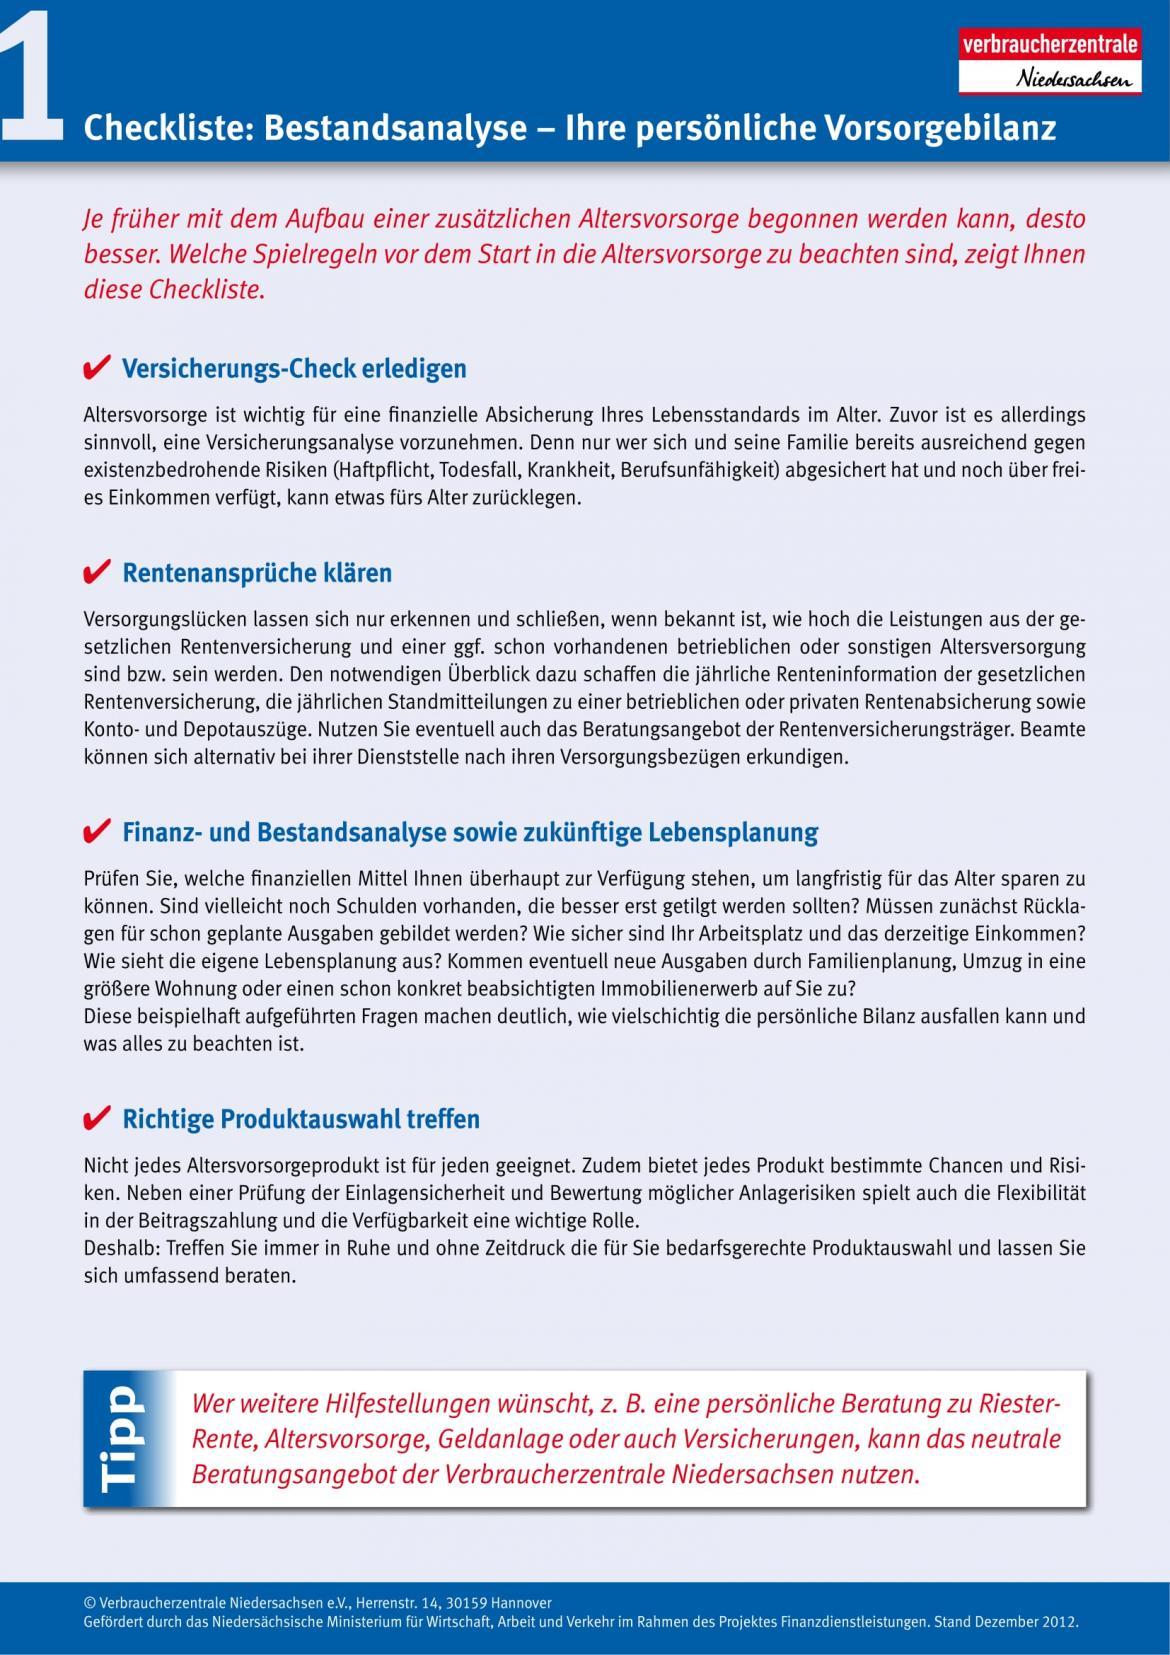 1 Checkliste: Bestandsanalyse | Verbraucherzentrale Niedersachsen